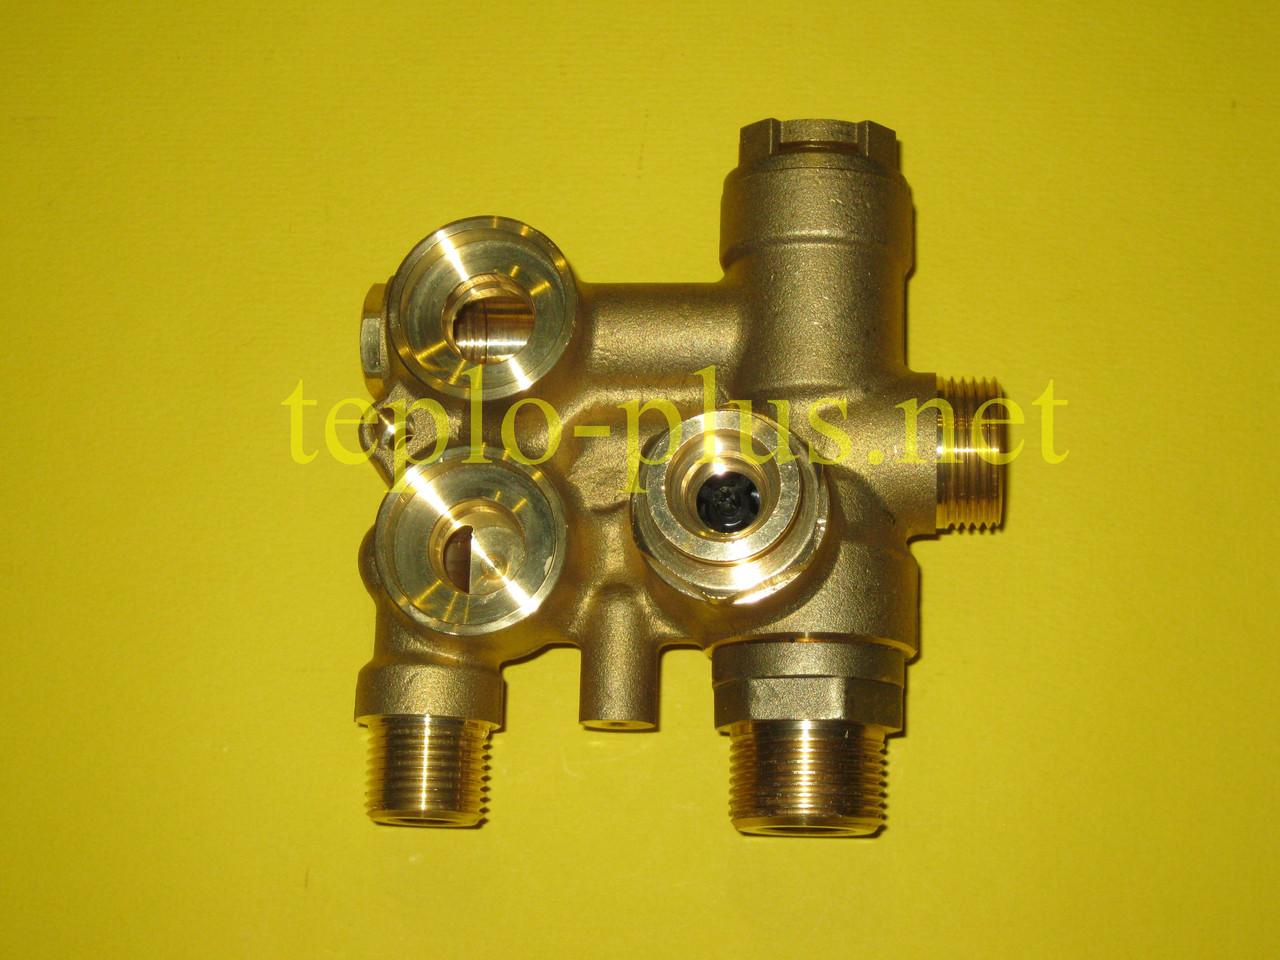 Трехходовой клапан 5676910 Westen Pulsar, Baxi Eco 3, фото 2